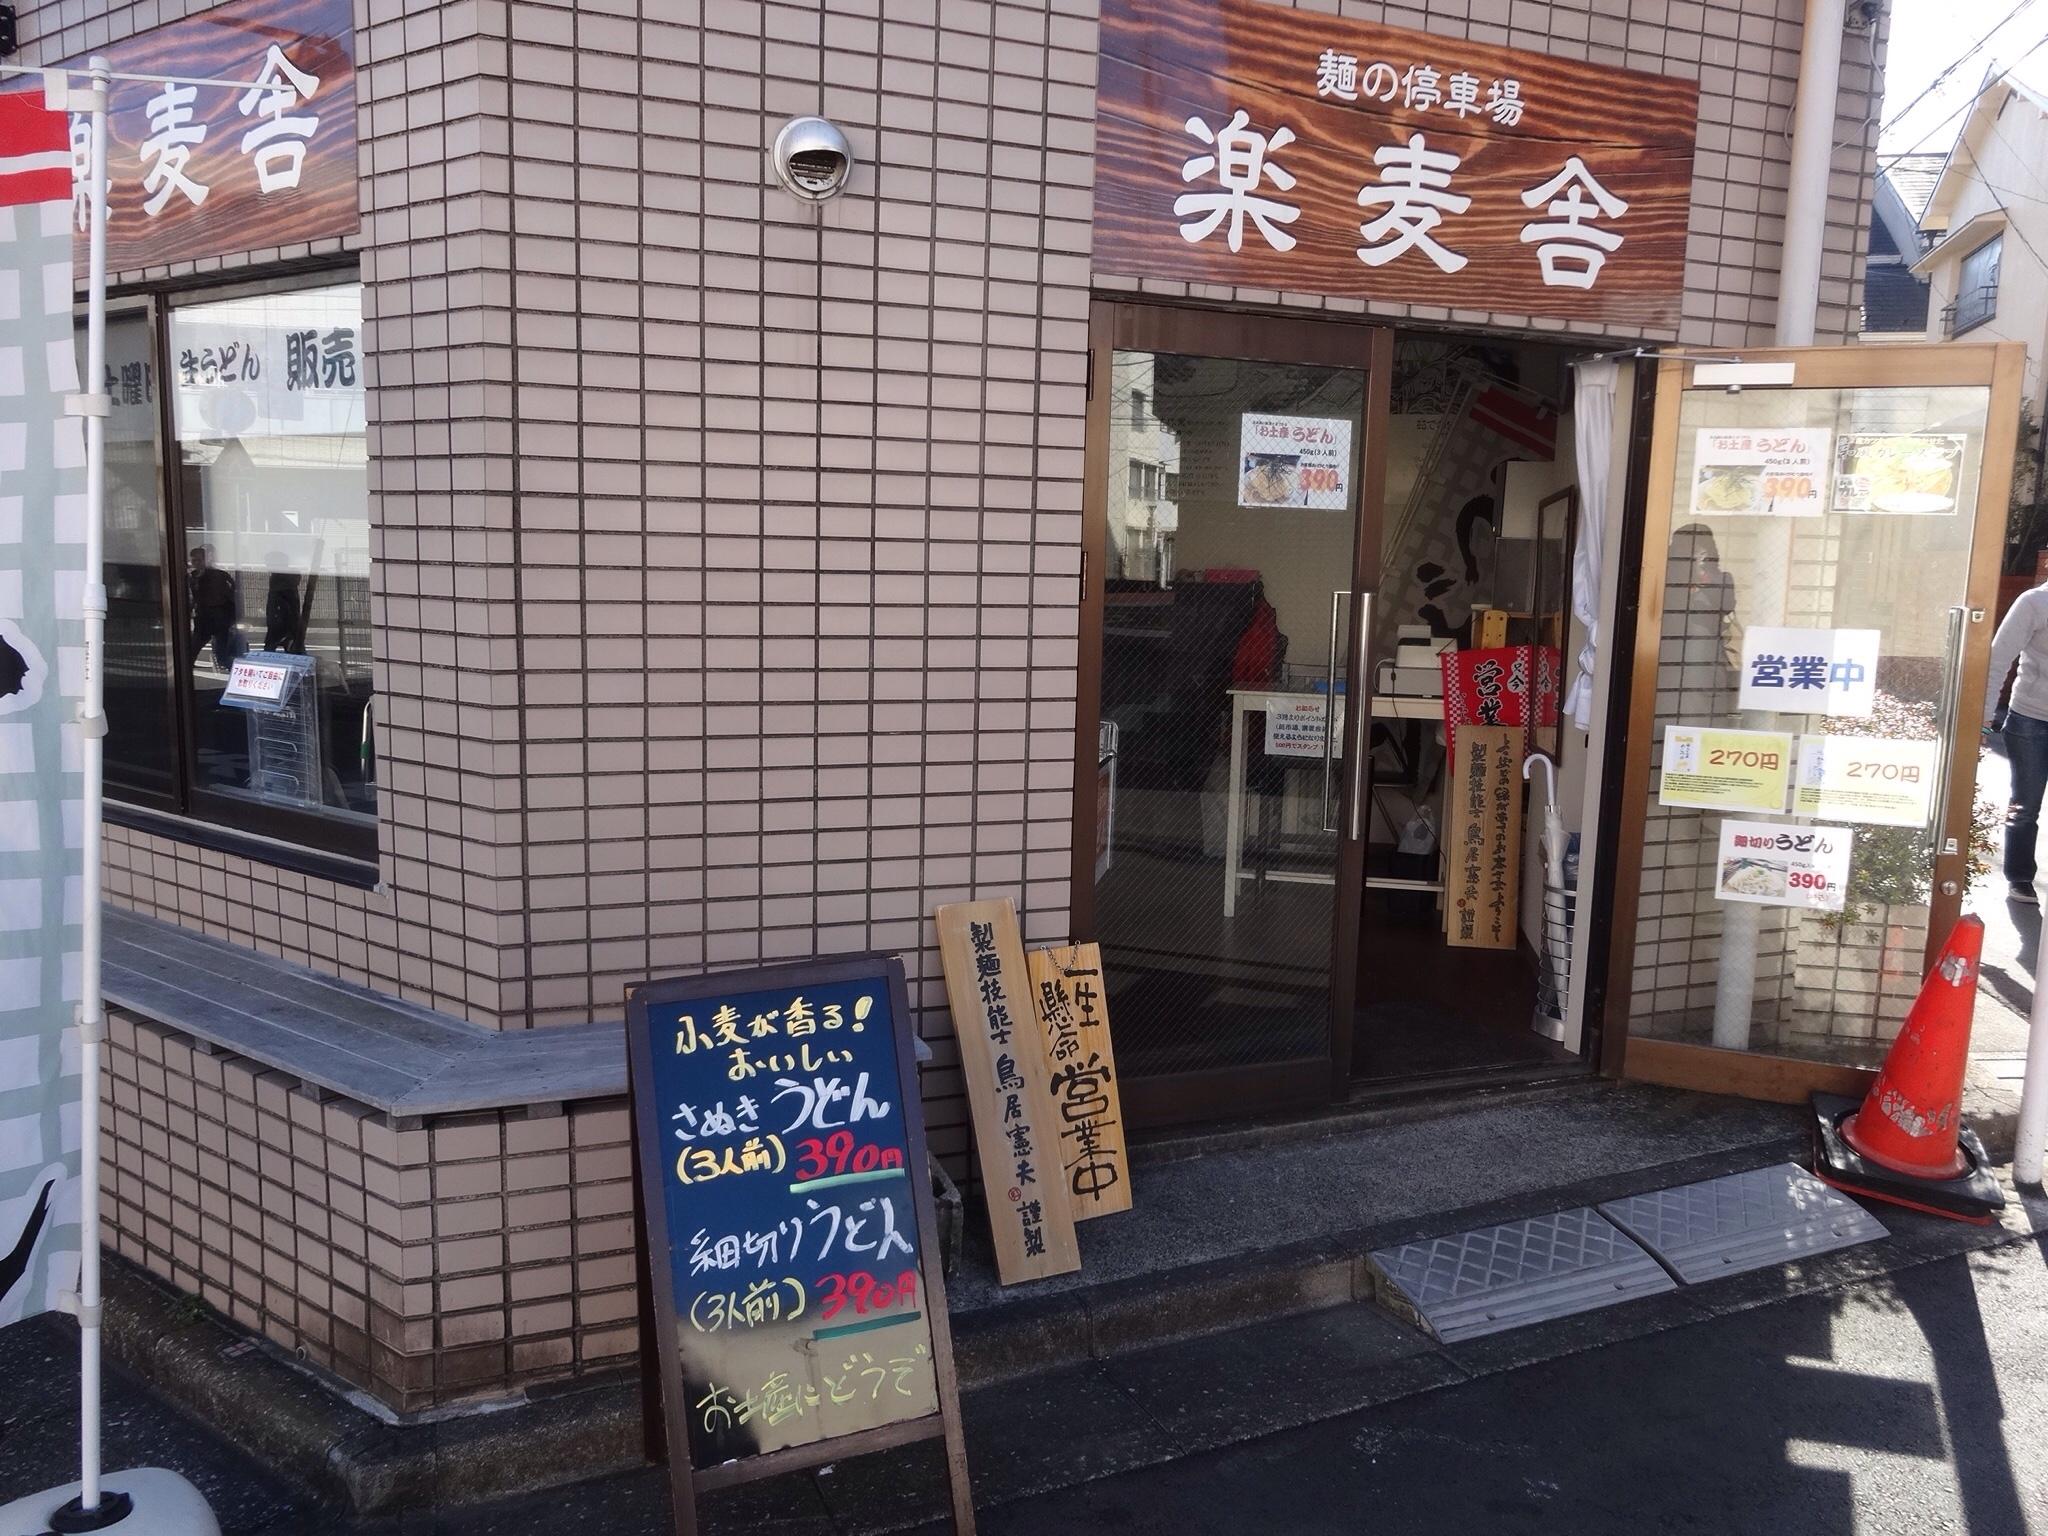 麺の停車場楽麦舎@東京都中野区新井3−6−7